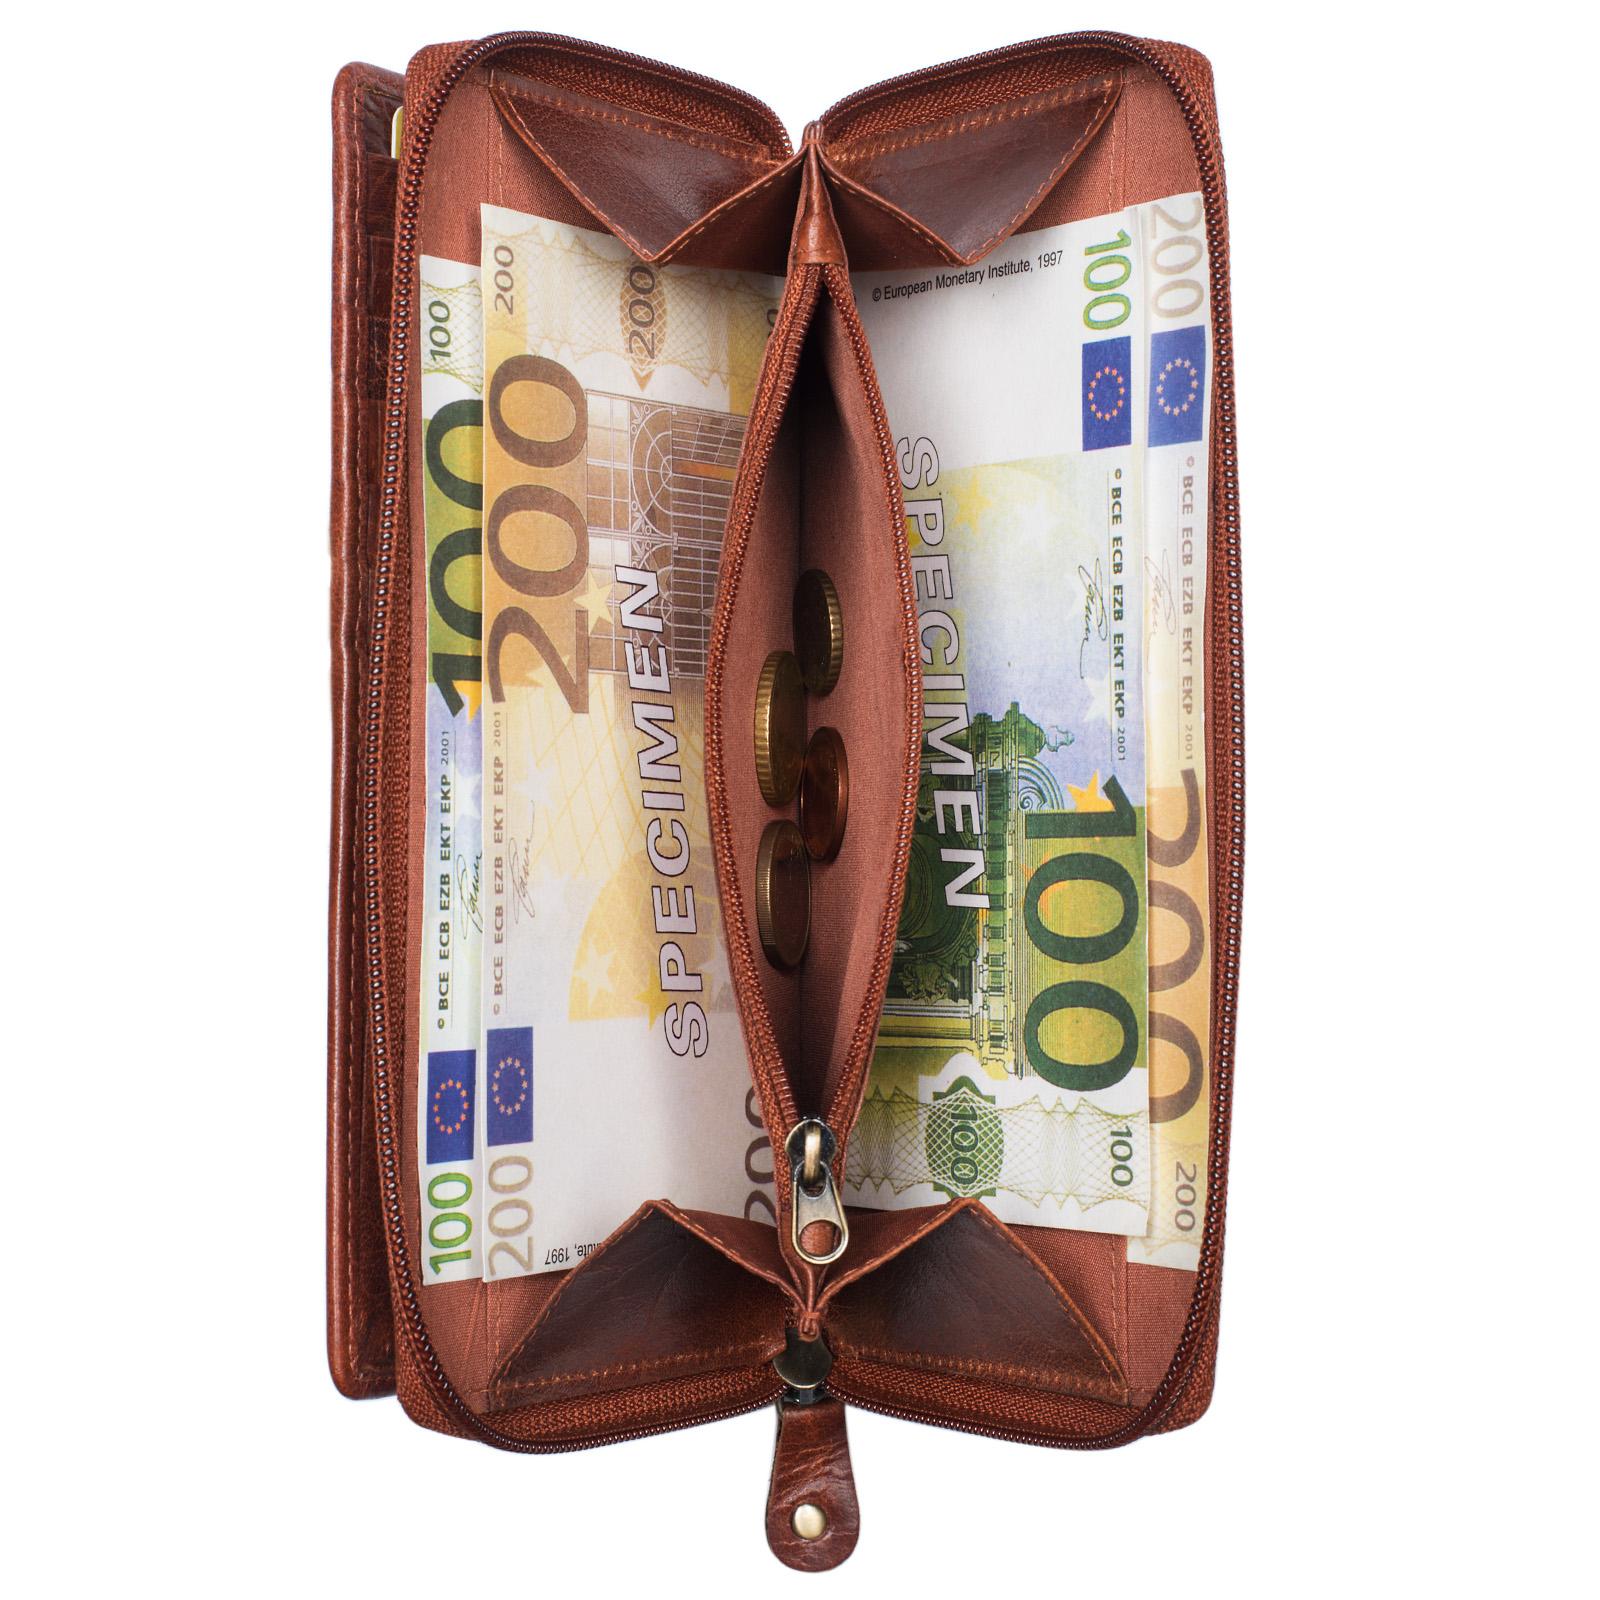 """STILORD """"Dana"""" Damen Geldbörse lang Leder Vintage Portemonnaie im Querformat große Brieftasche mit Reißverschluss für Kleingeld EC-Karten echtes Rindsleder - Bild 4"""